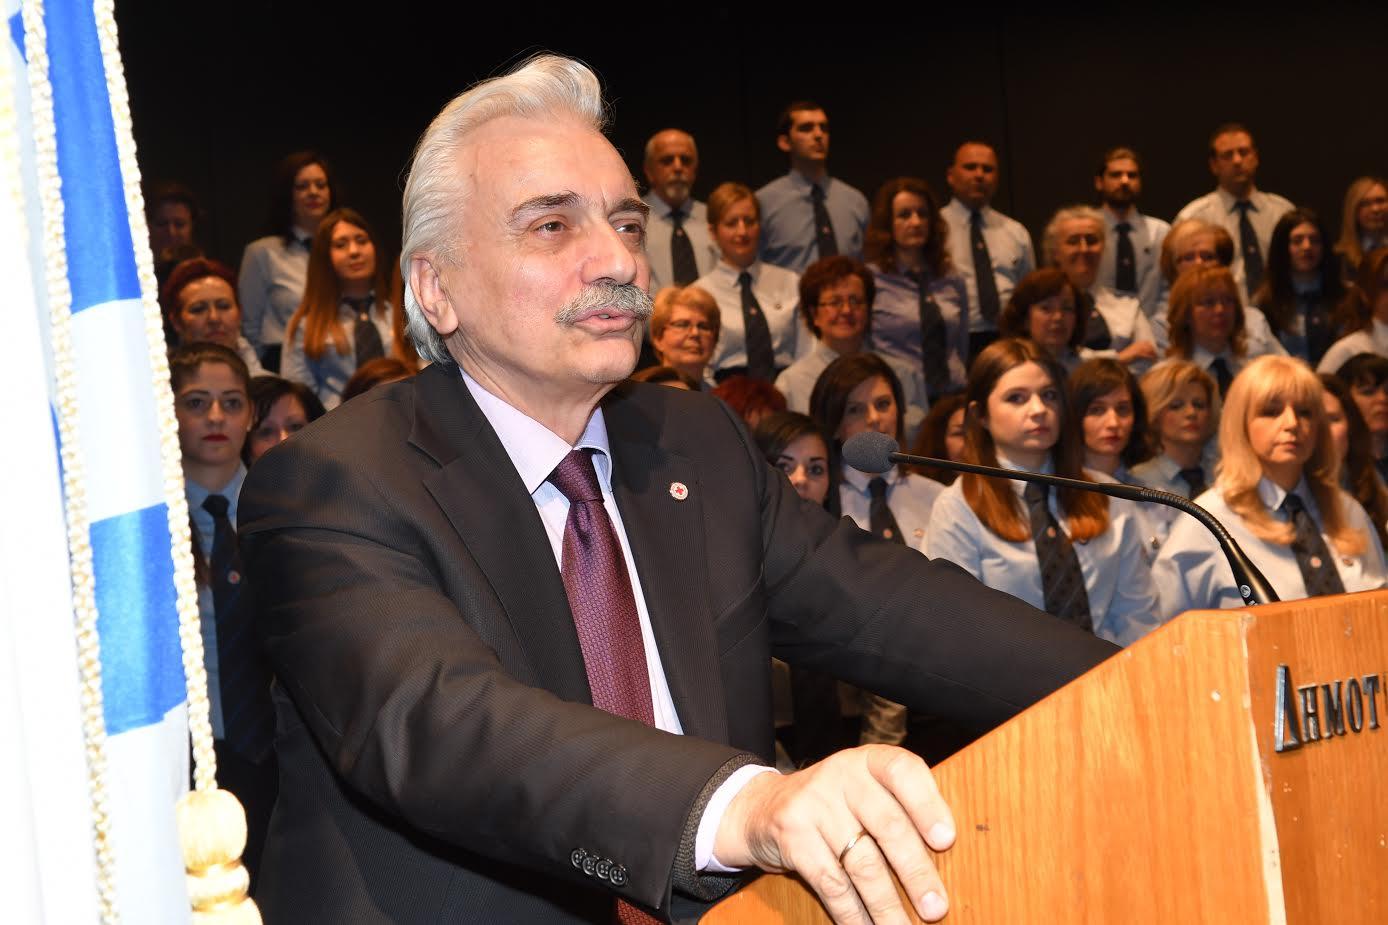 Απονομή πτυχίων σε εθελοντές έκανε ο Ε.Ε.Σ. Λάρισας